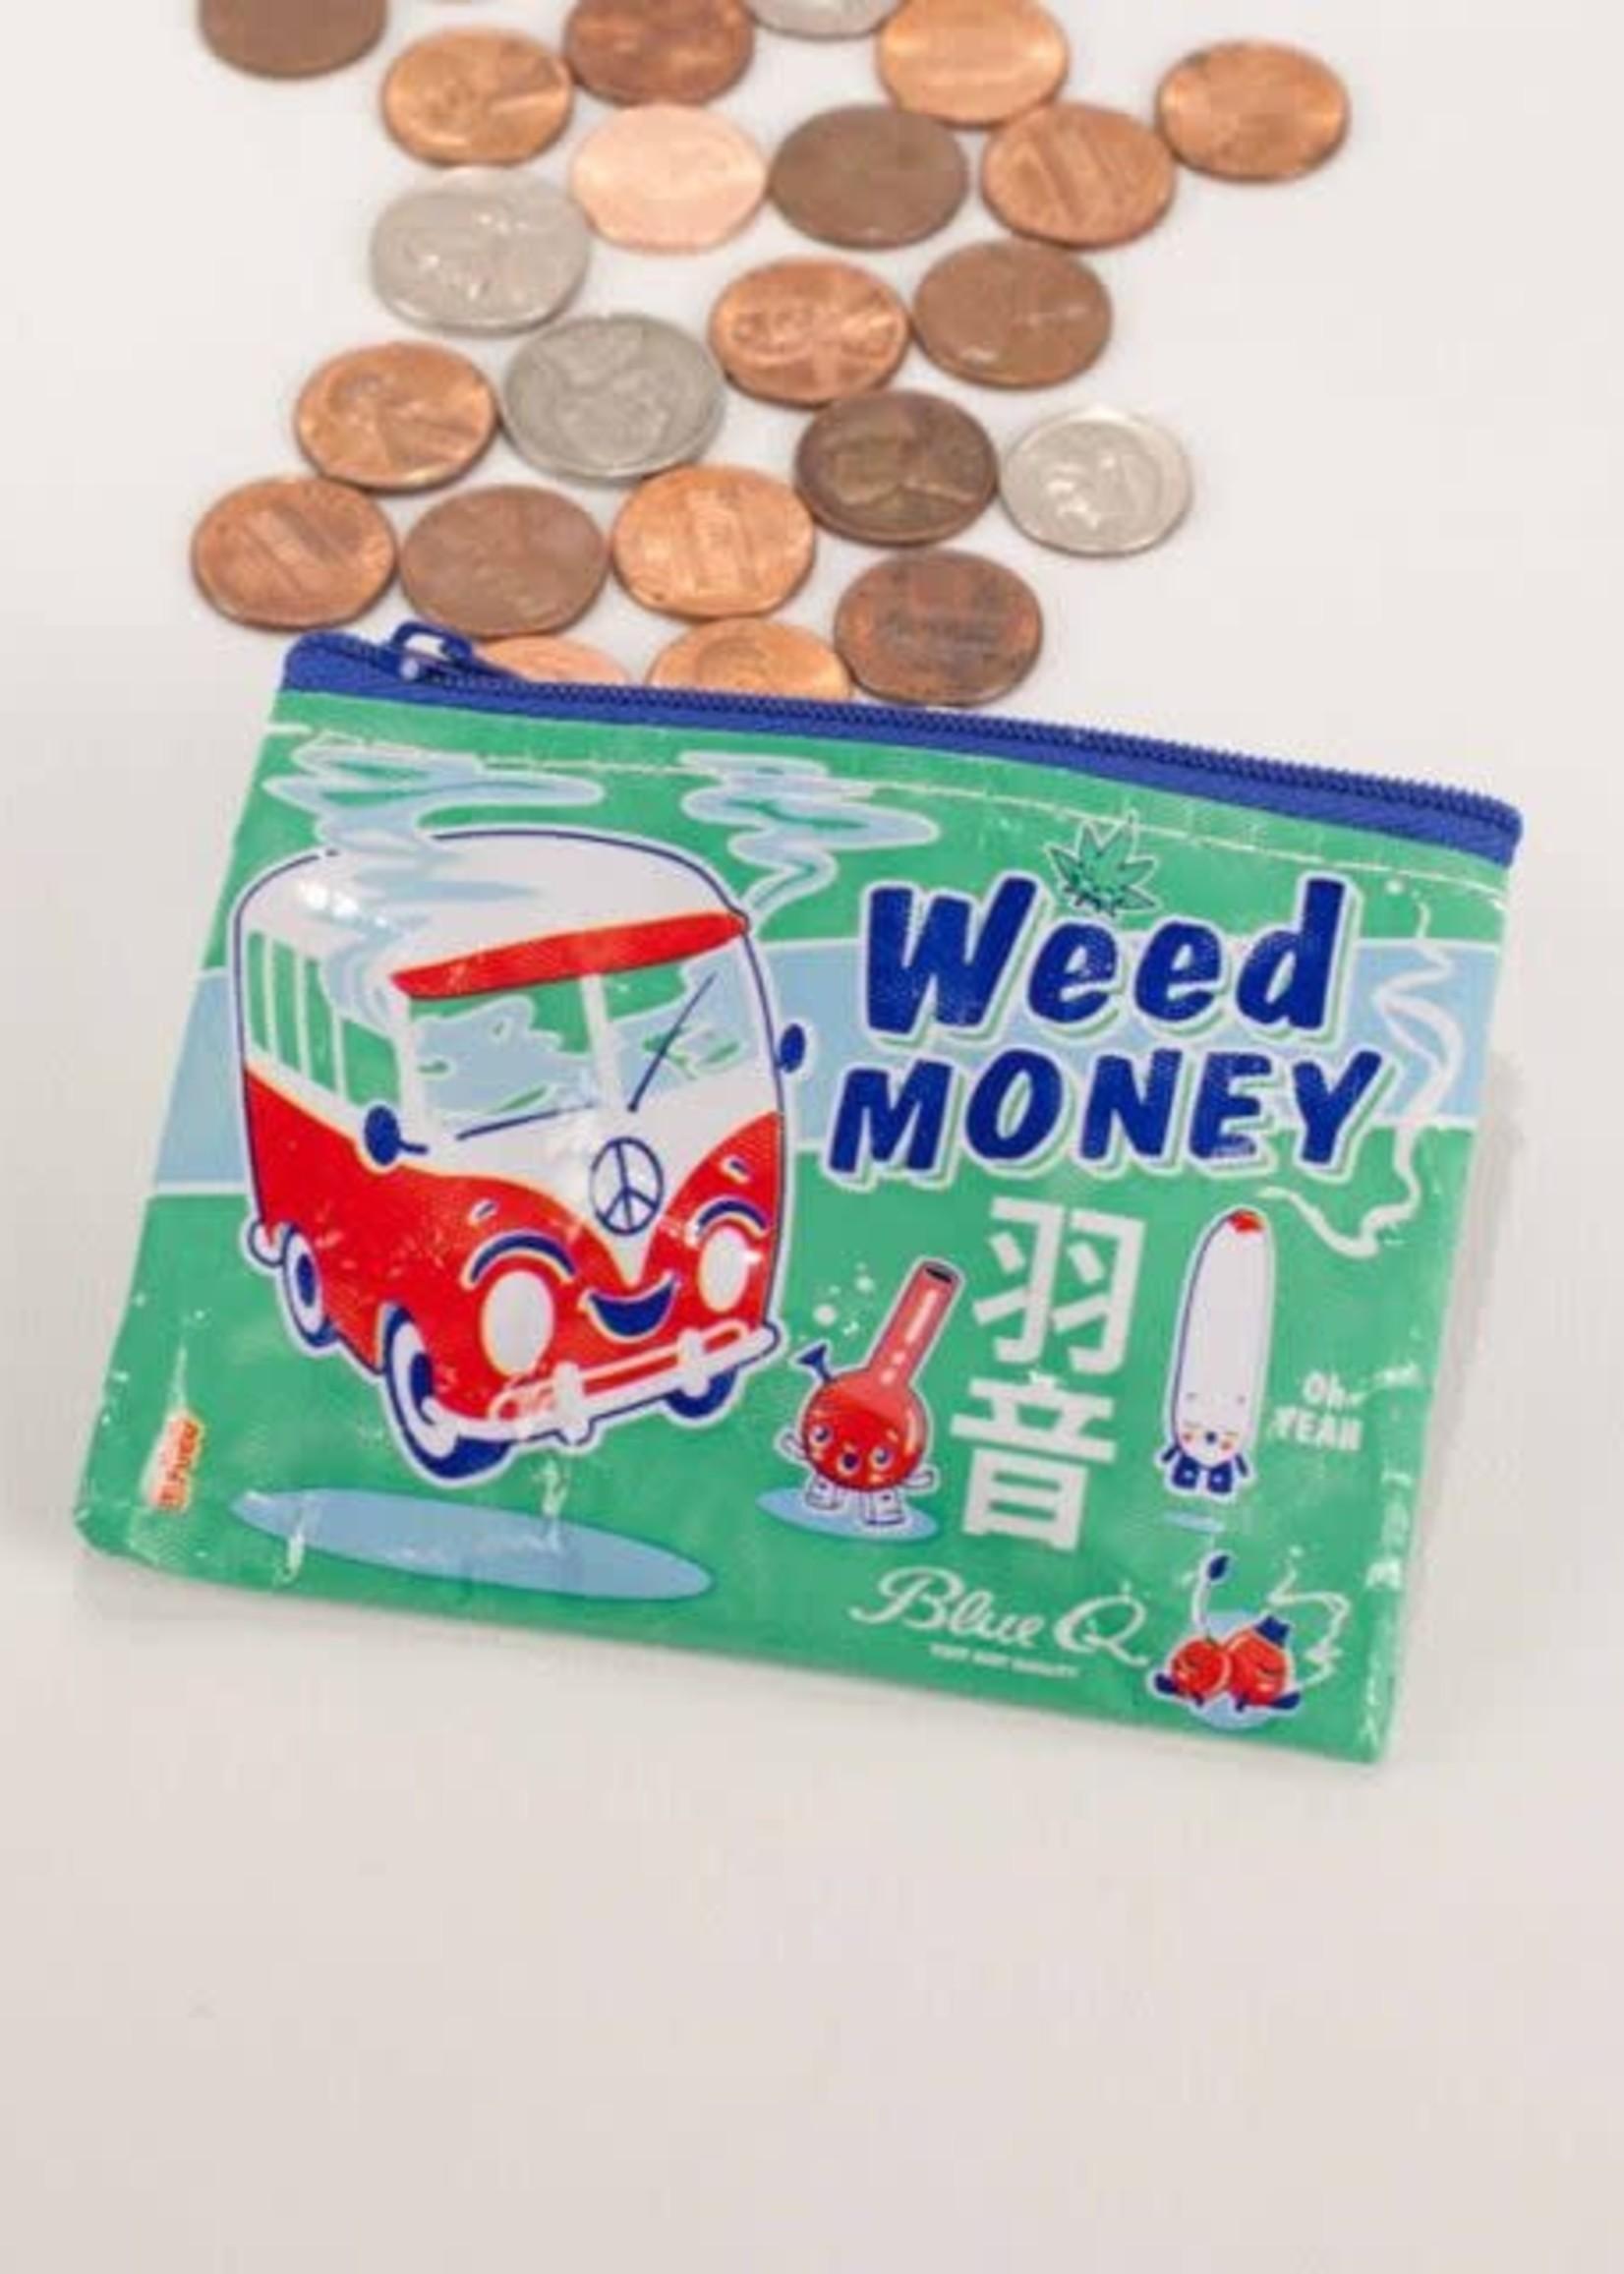 Blue Q BLUE Q COIN PURSE WEED MONEY